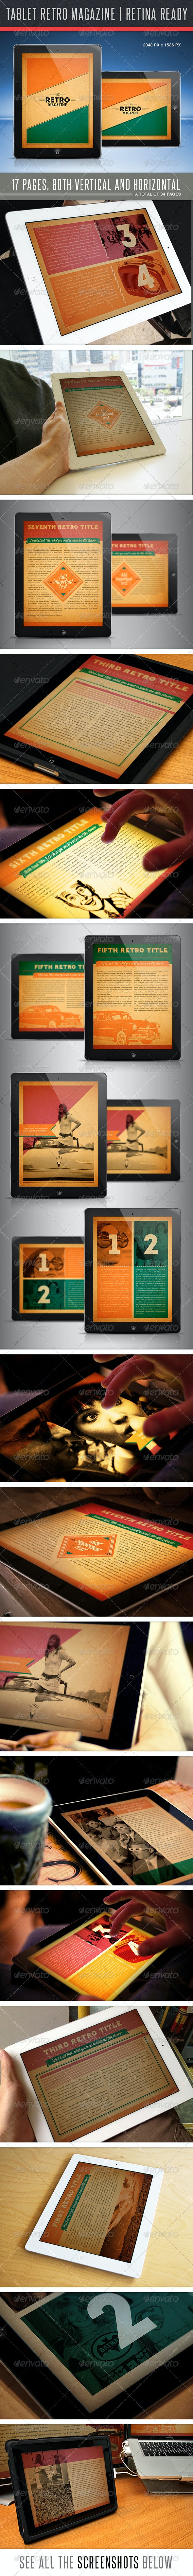 The Retro MGZ - Digital Magazines ePublishing